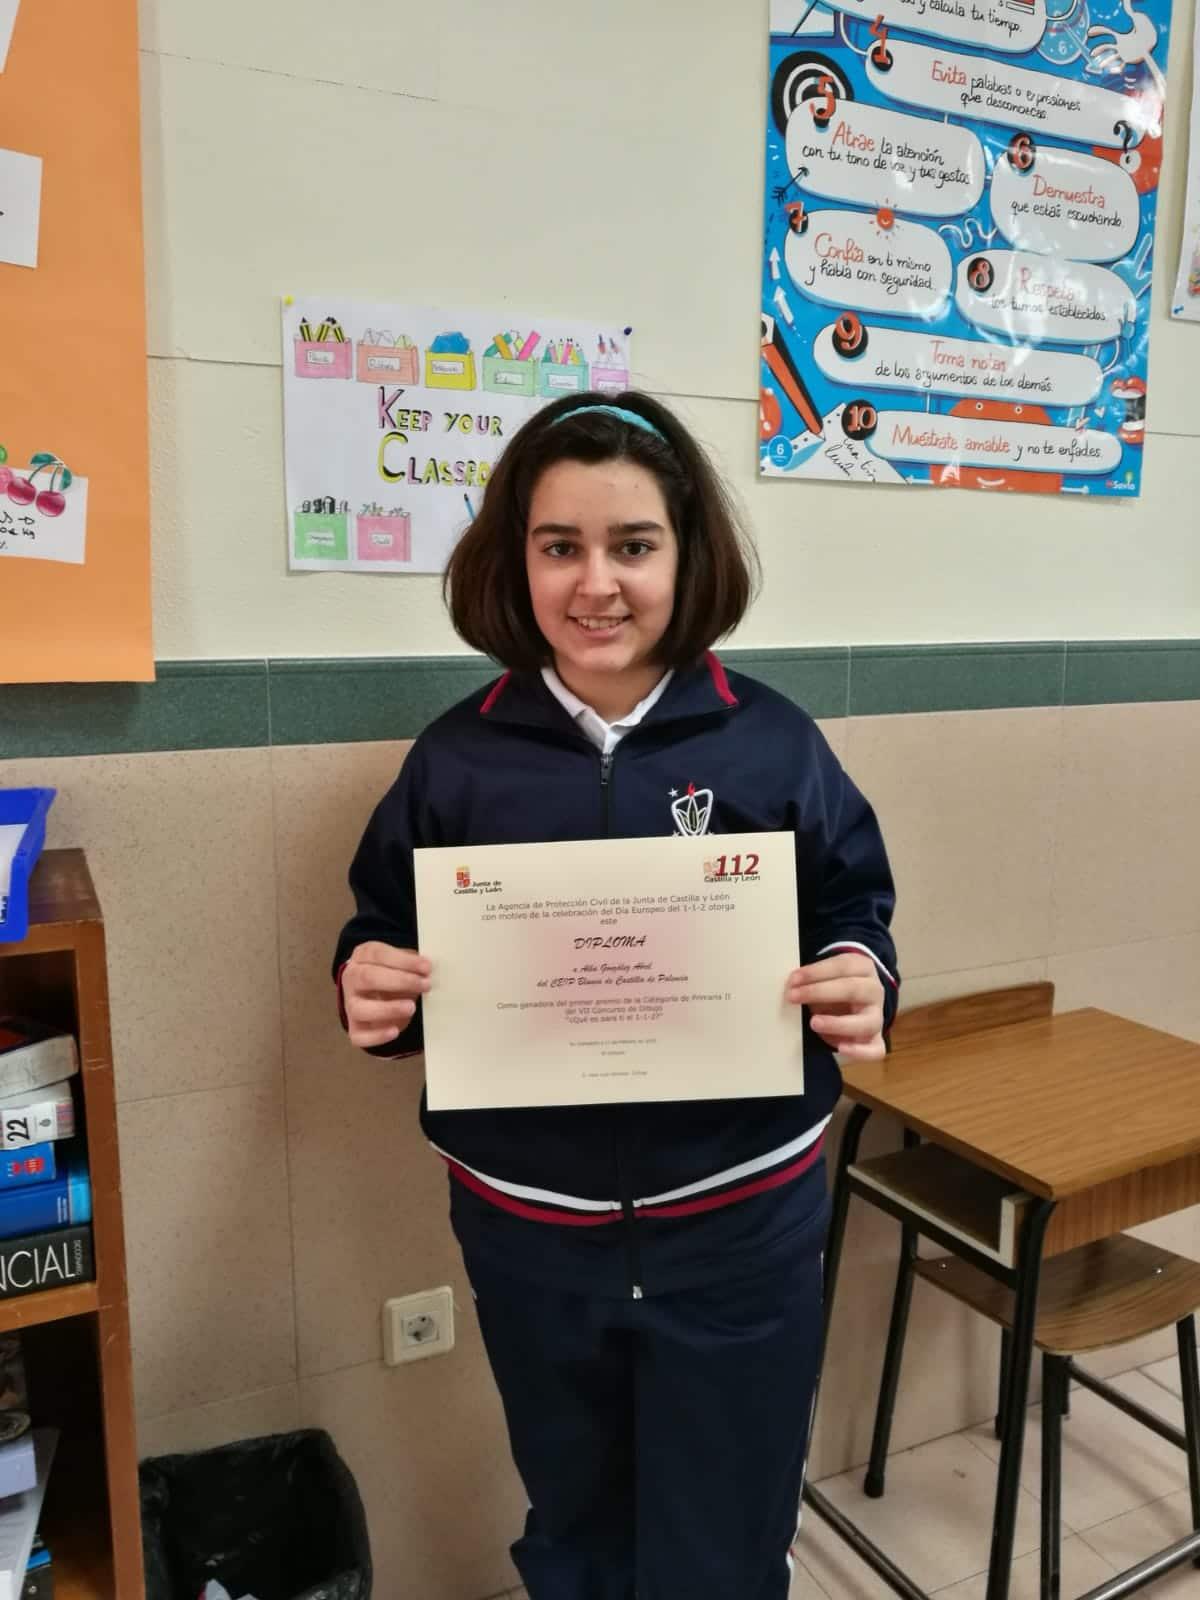 """Primer premio de Alba González en concurso""""¿Qué es para ti el 1-1-2?'"""